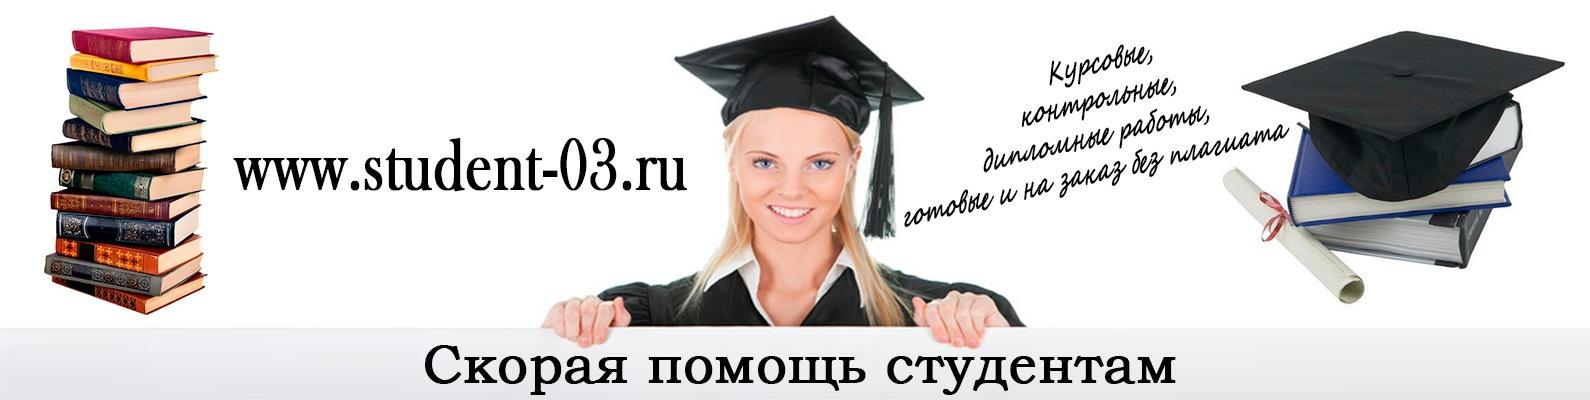 Курсовые и дипломные работы без плагиата ВКонтакте